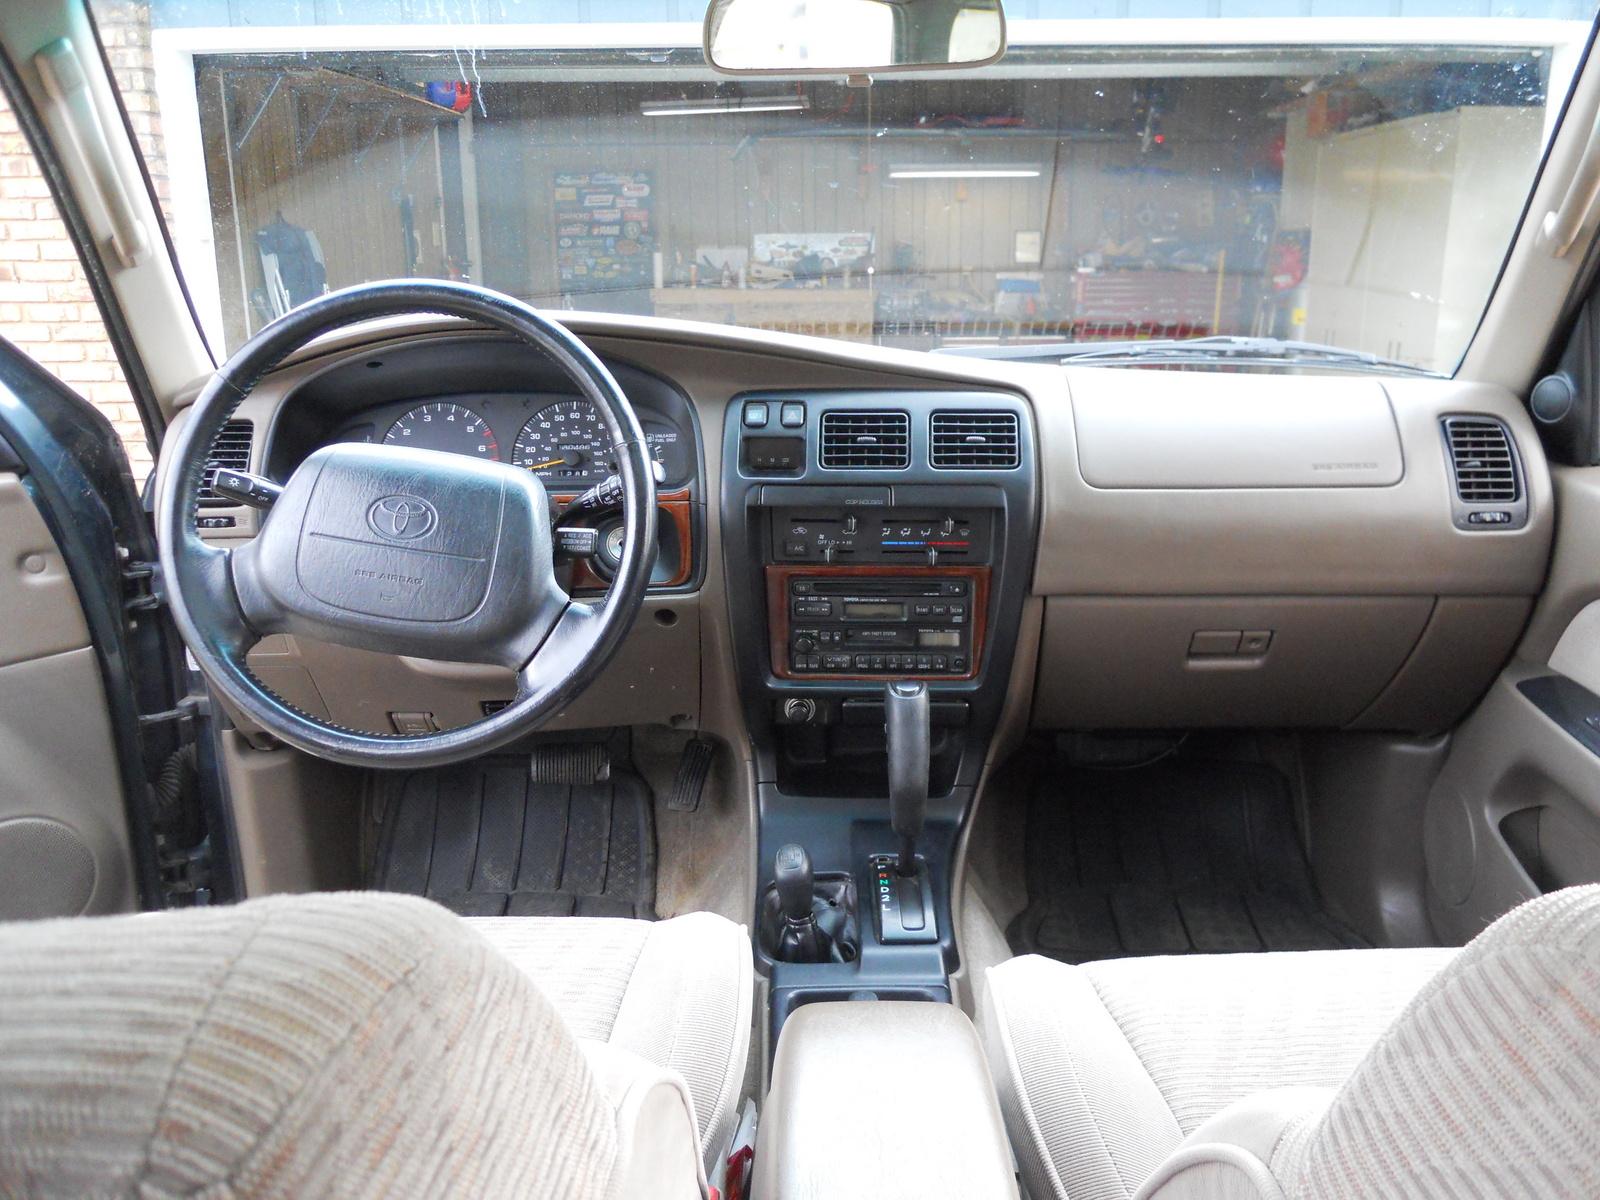 1997 Toyota 4runner Interior Pictures Cargurus